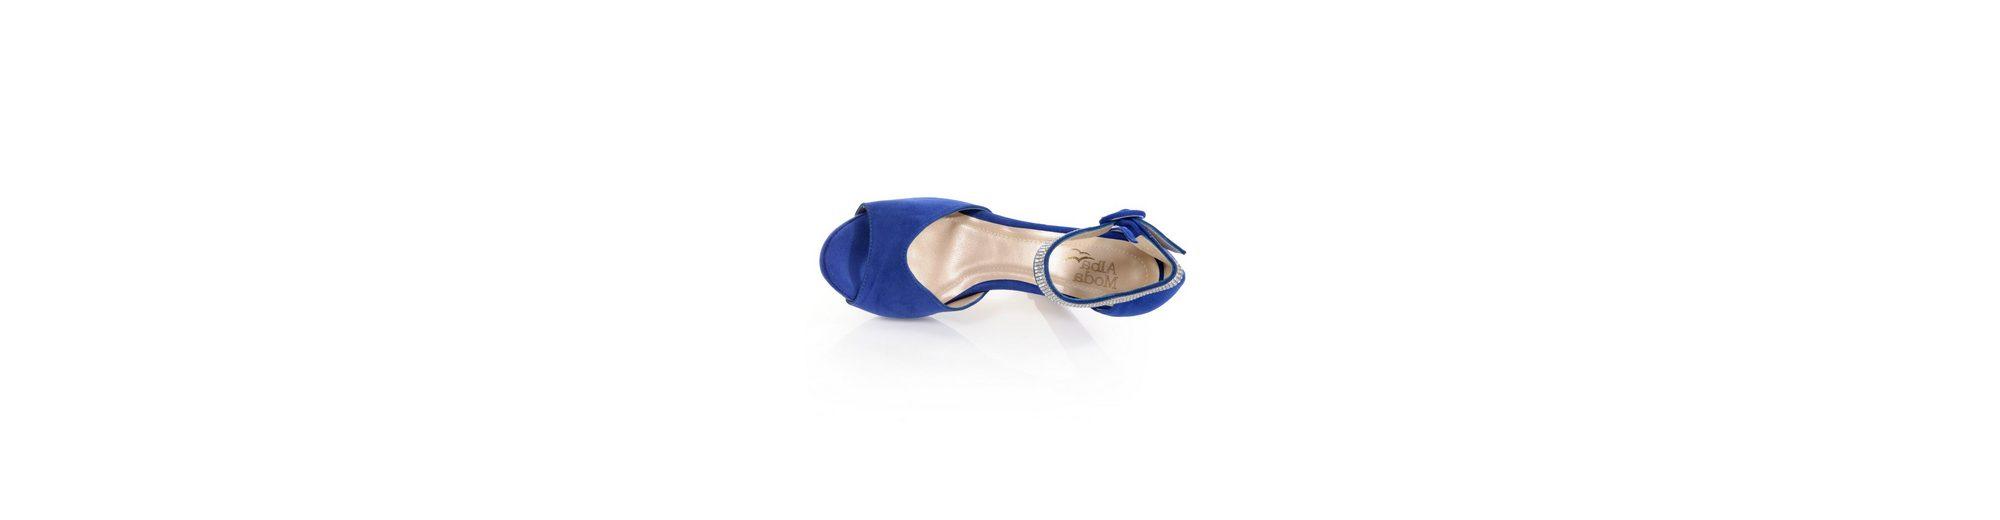 Alba Moda Sandalette mit Plateausohle Erkunden Verkauf Online Preise Günstiger Preis 2018 Neuer Günstiger Preis Versand Rabatt Verkauf Günstig Kaufen Modisch RPRT6kvU